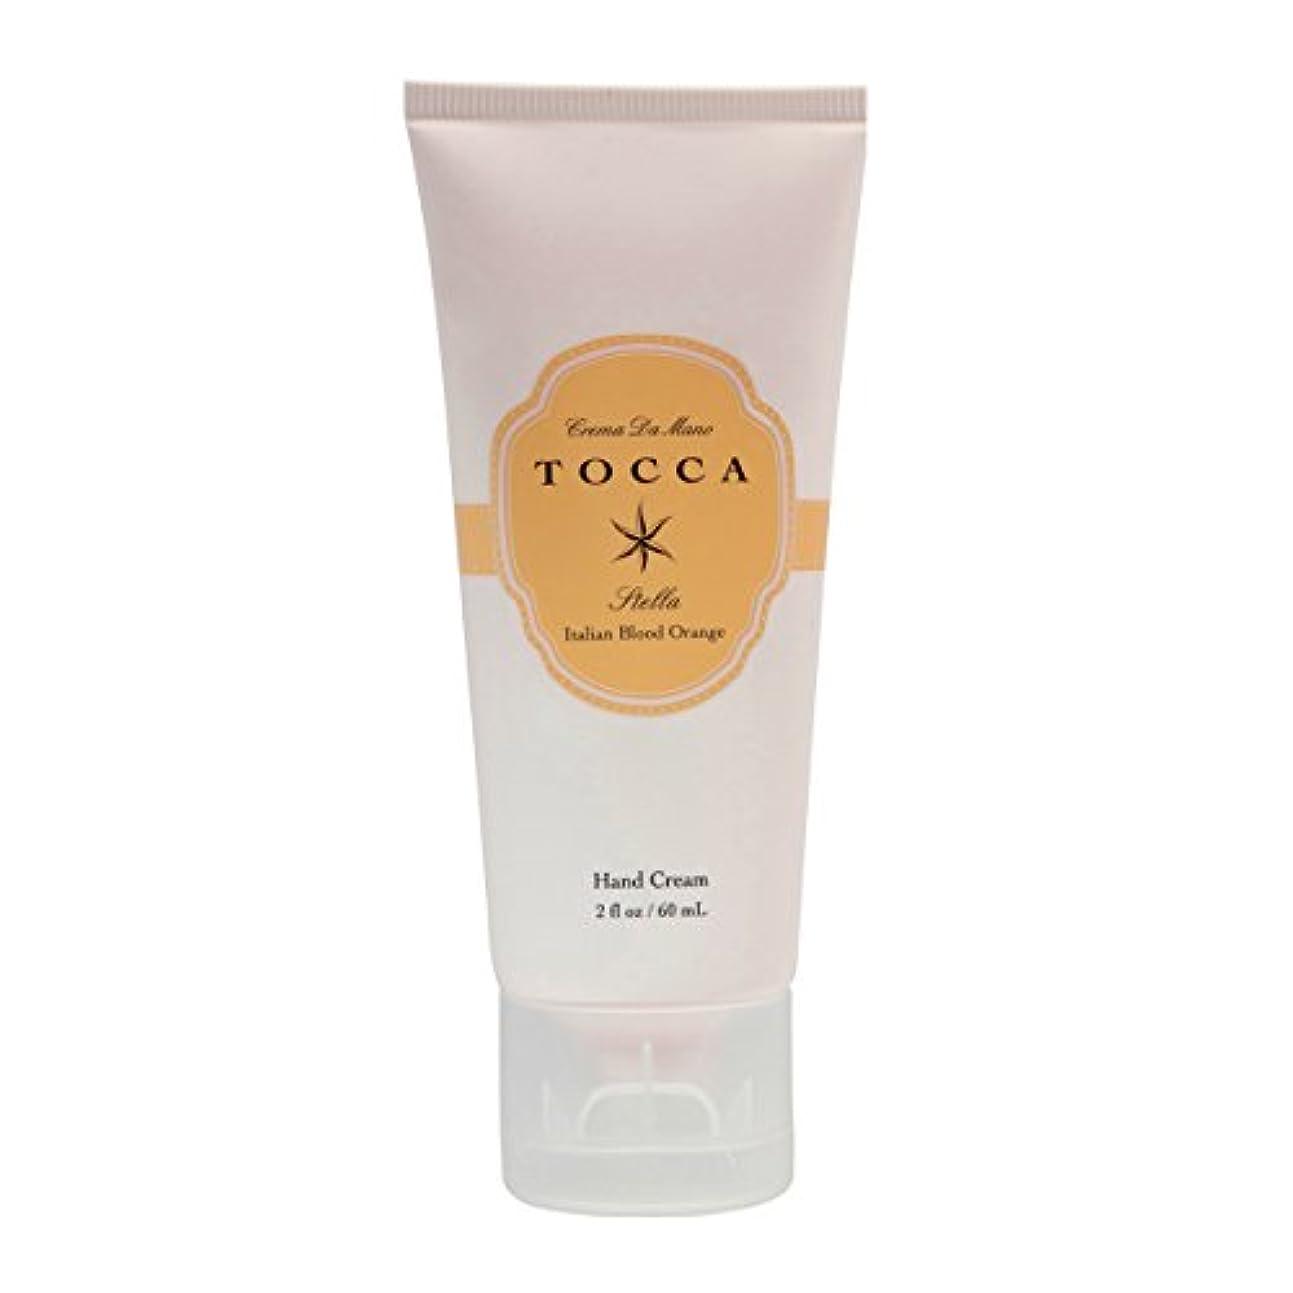 余分な衣類うがいトッカ(TOCCA) ハンドクリーム  ステラの香り 60ml(手指用保湿 イタリアンブラッドオレンジが奏でるフレッシュでビターな爽やかさ漂う香り)